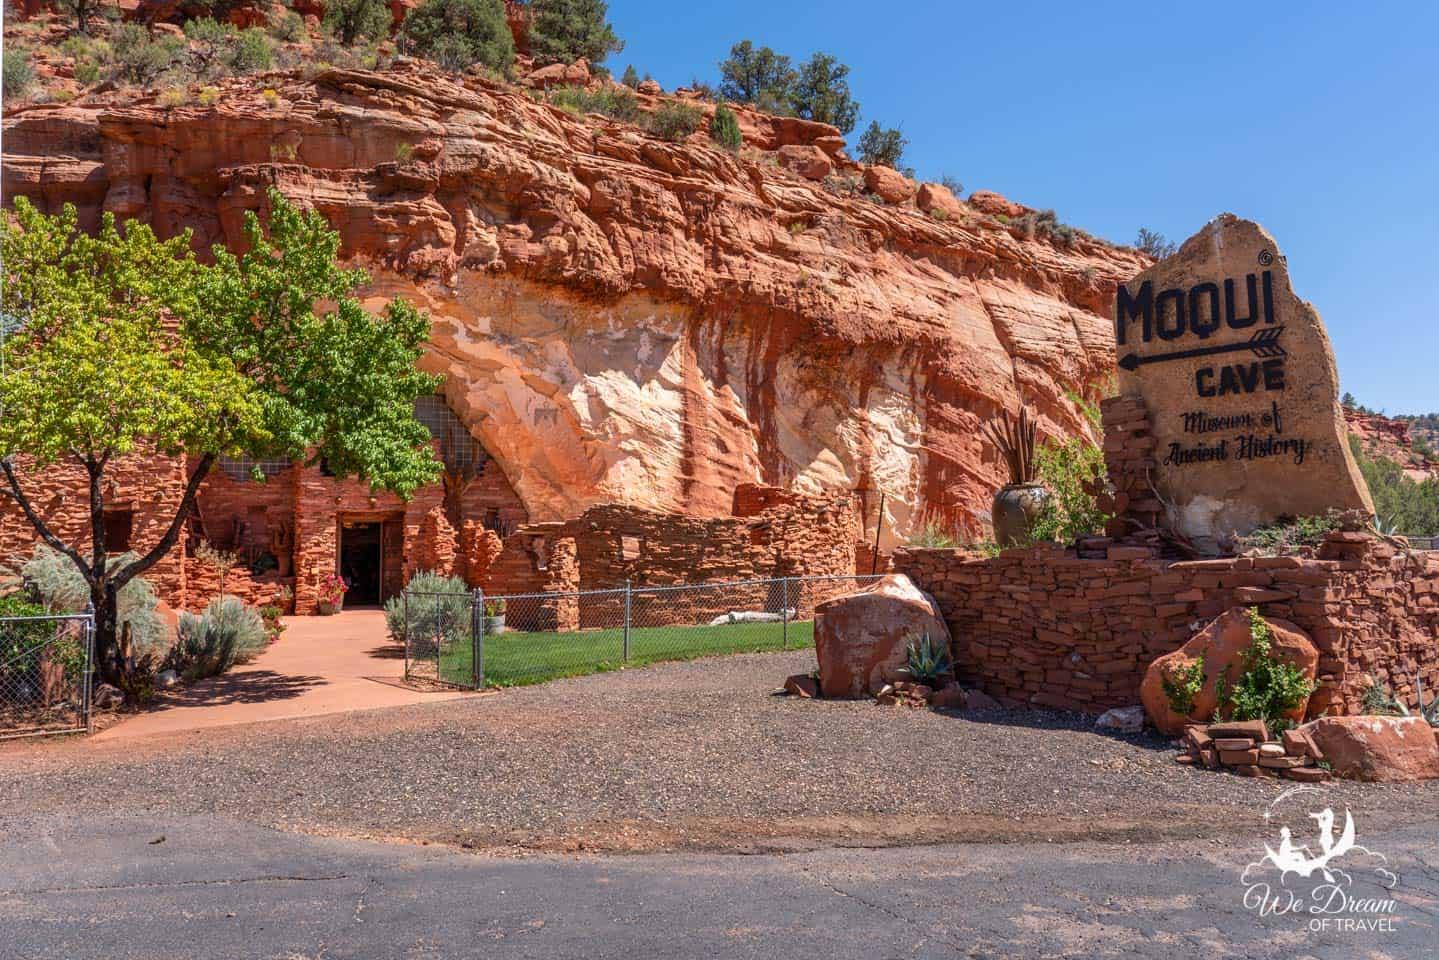 Moqui Cave photo